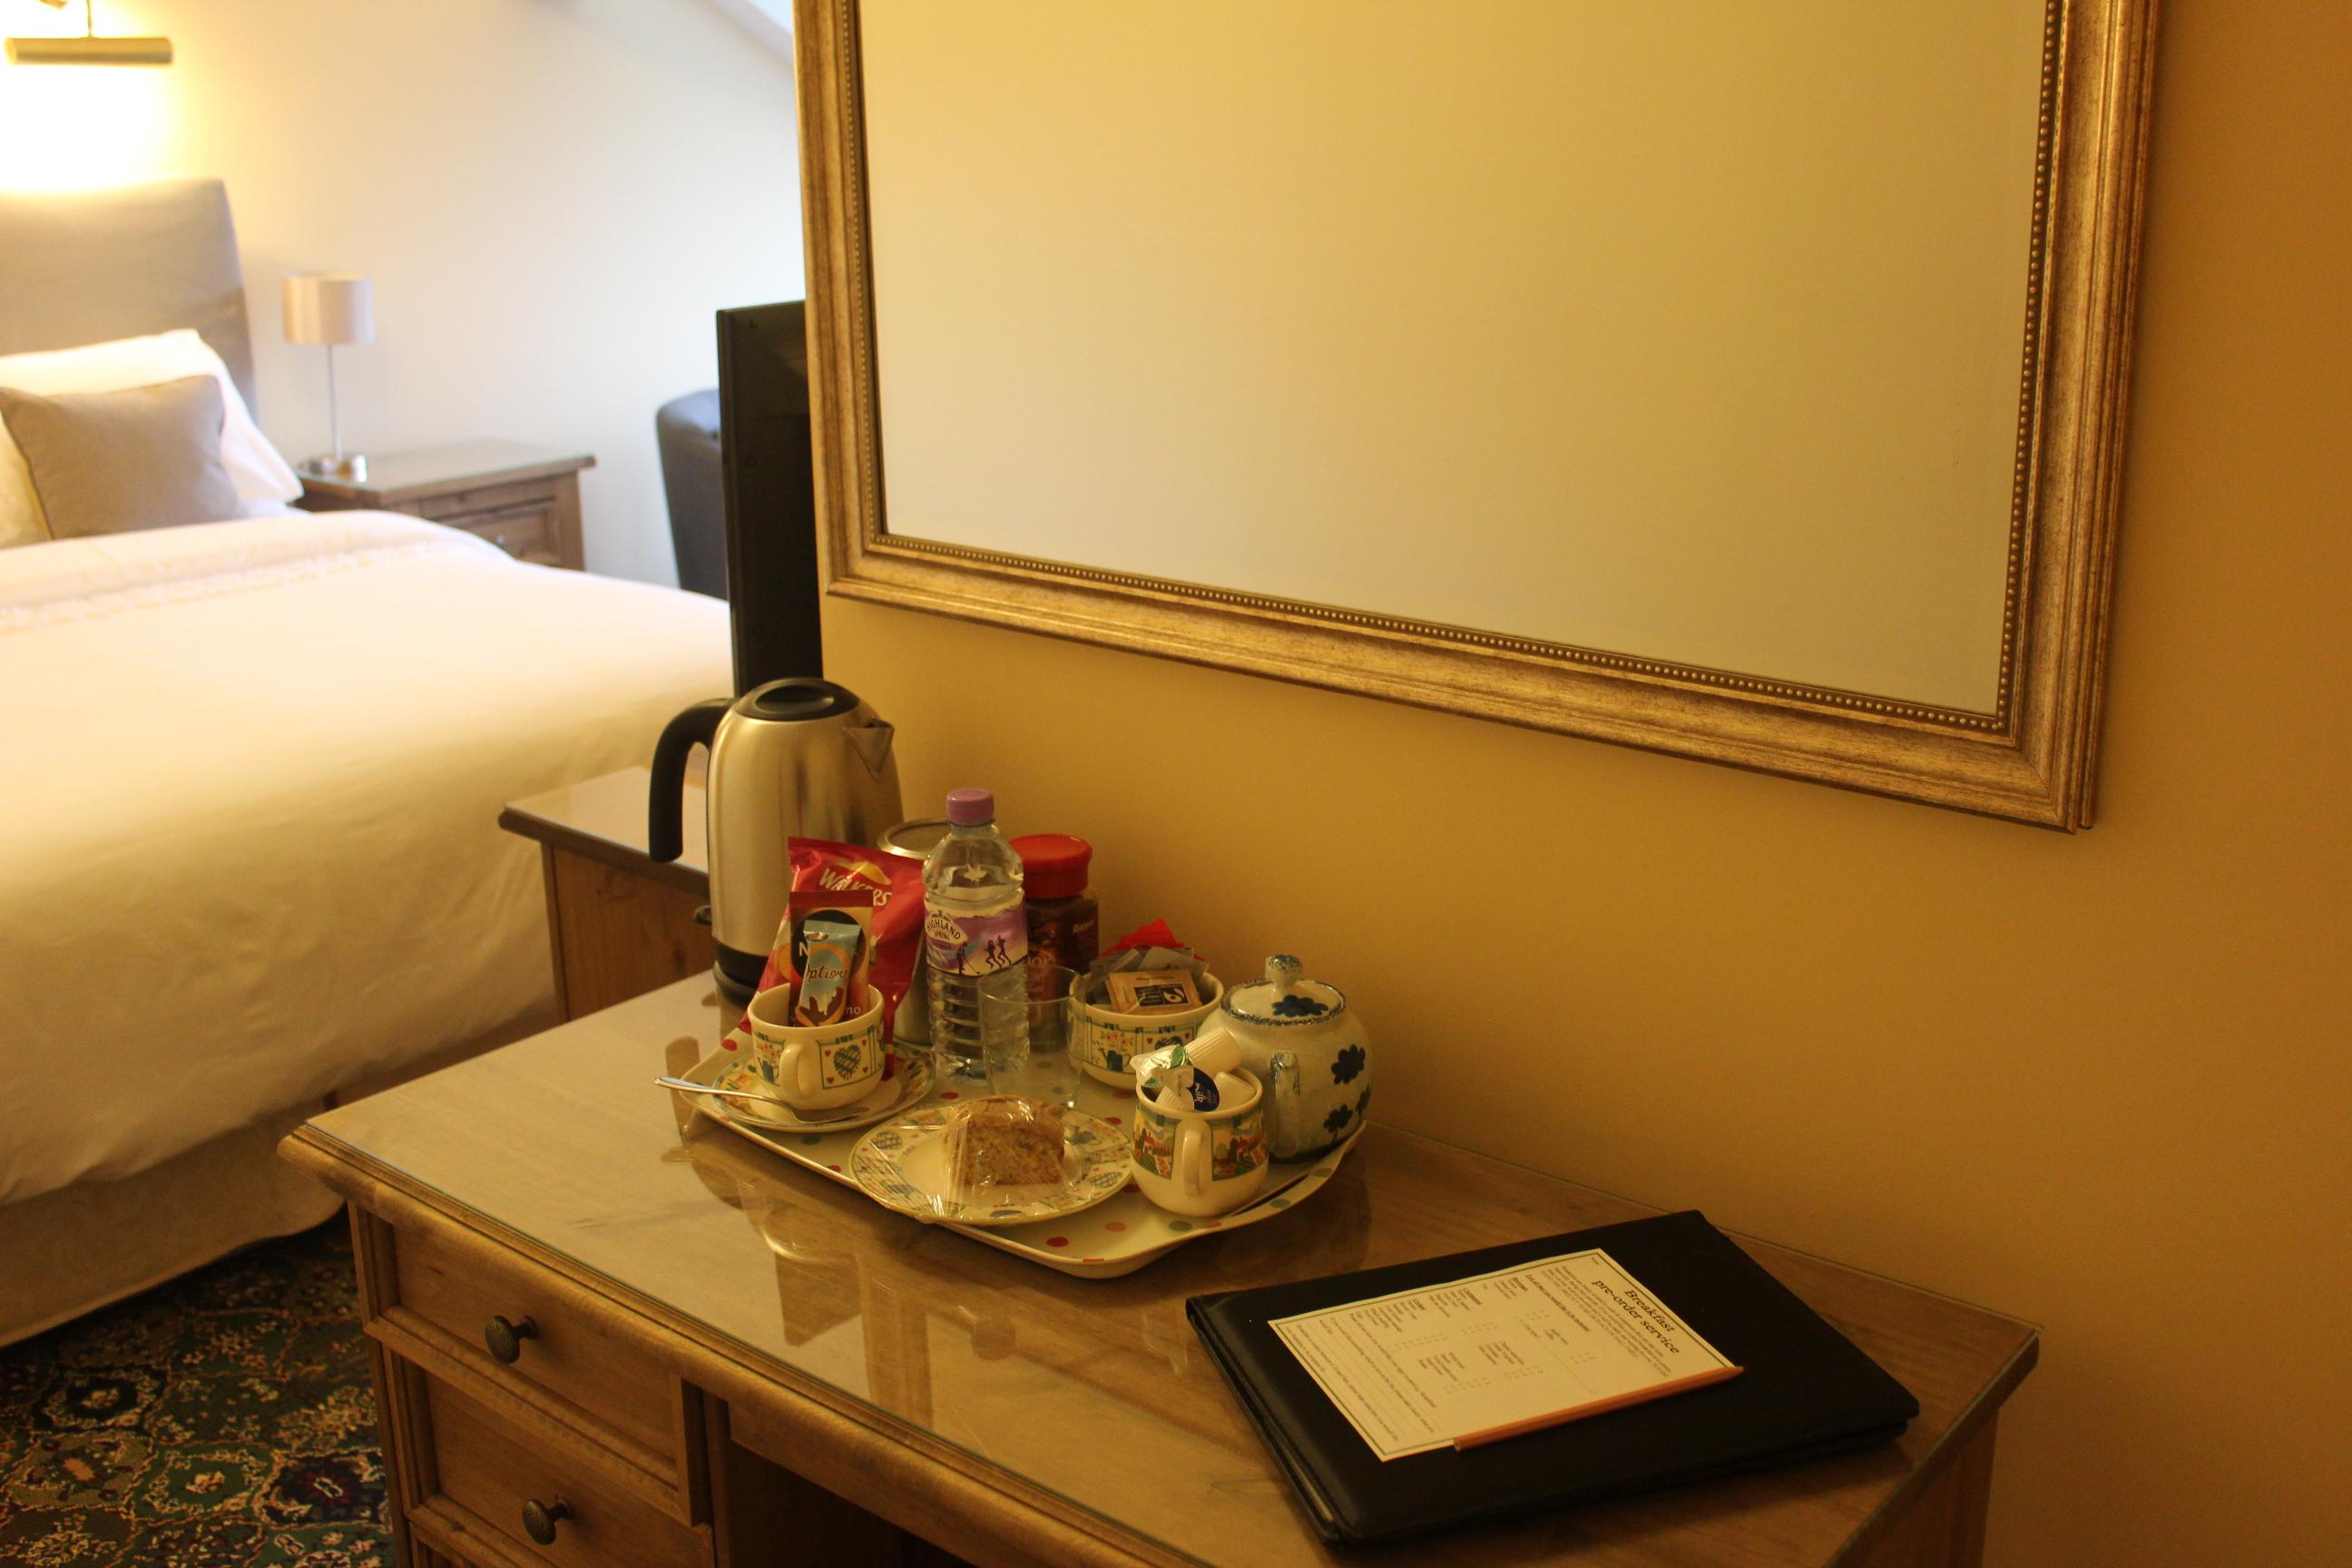 Full hospitality tray